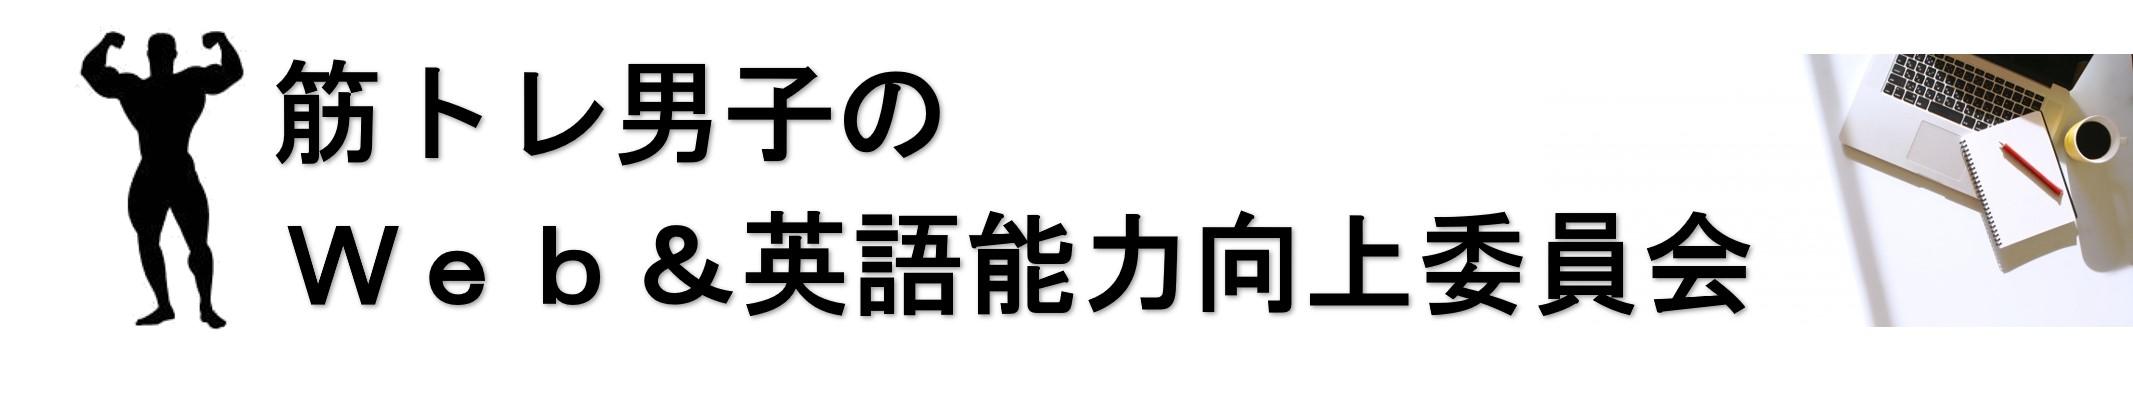 筋トレ男子のWeb&英語能力向上委員会